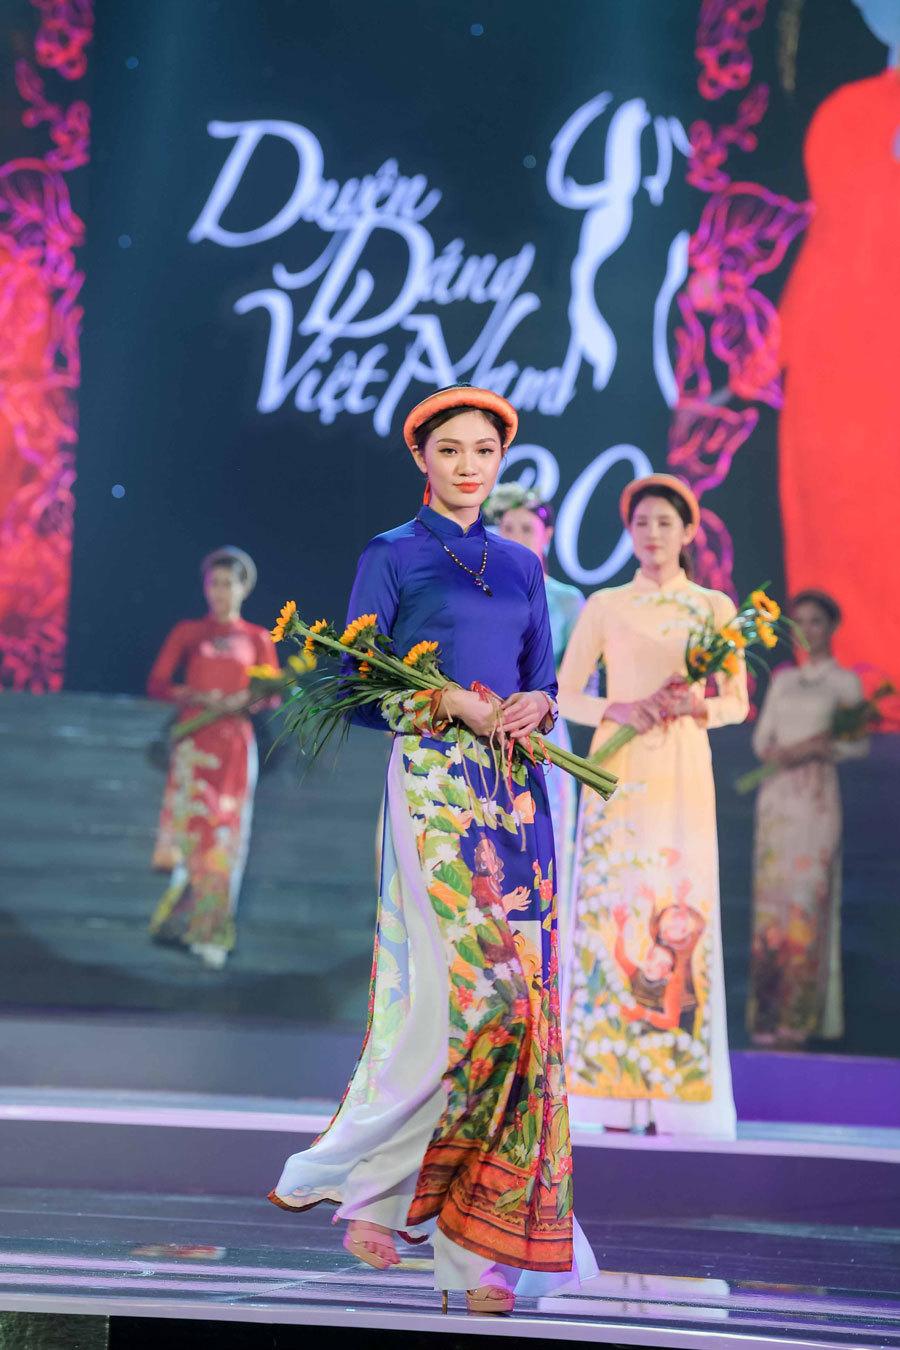 Dàn mỹ nhân Việt mừng Hoa hậu Ngọc Hân ra mắt bộ sưu tập mới